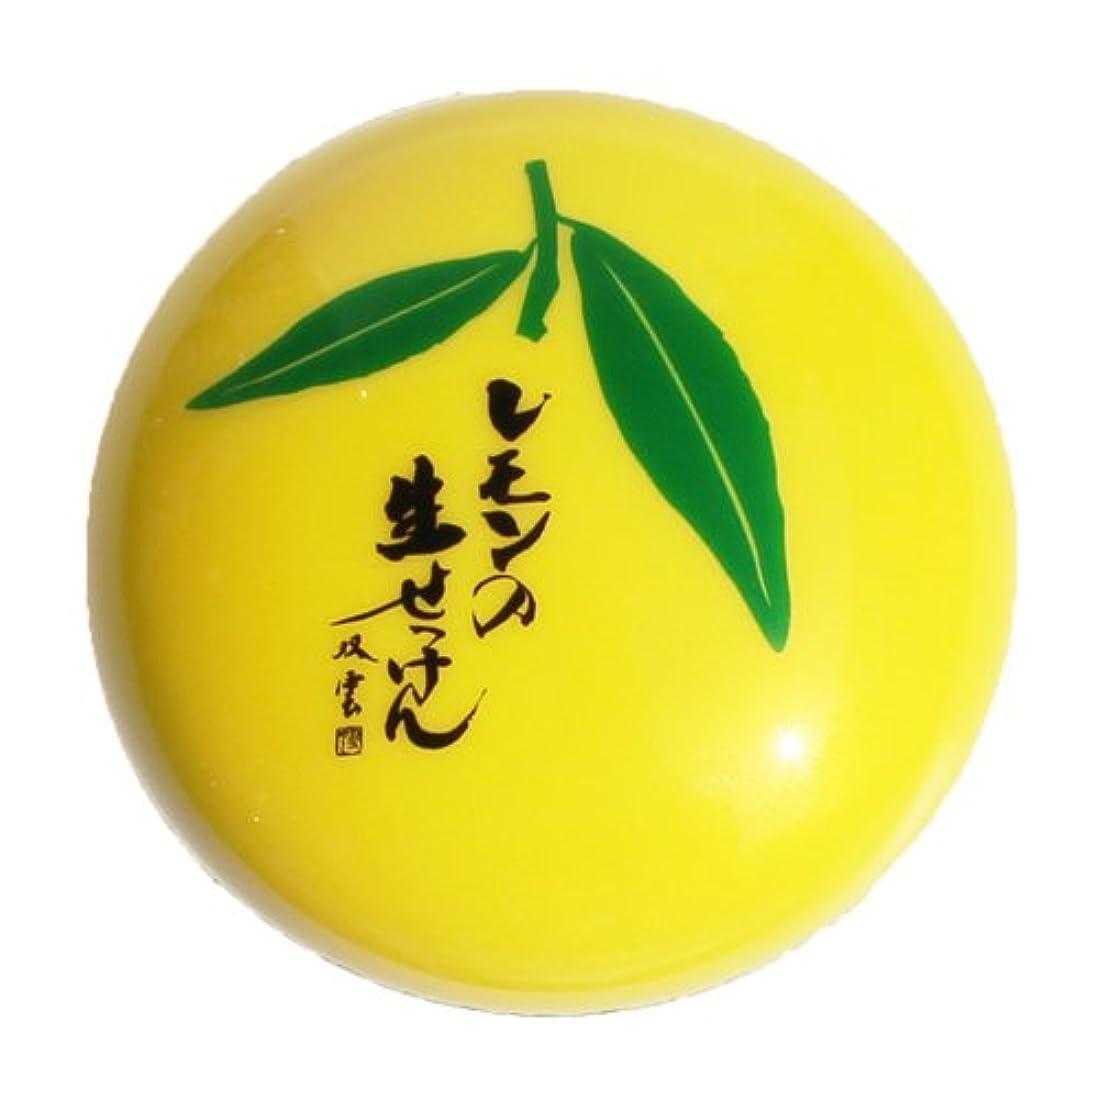 偽善アンペア混合した美香柑 レモンの生せっけん 50g